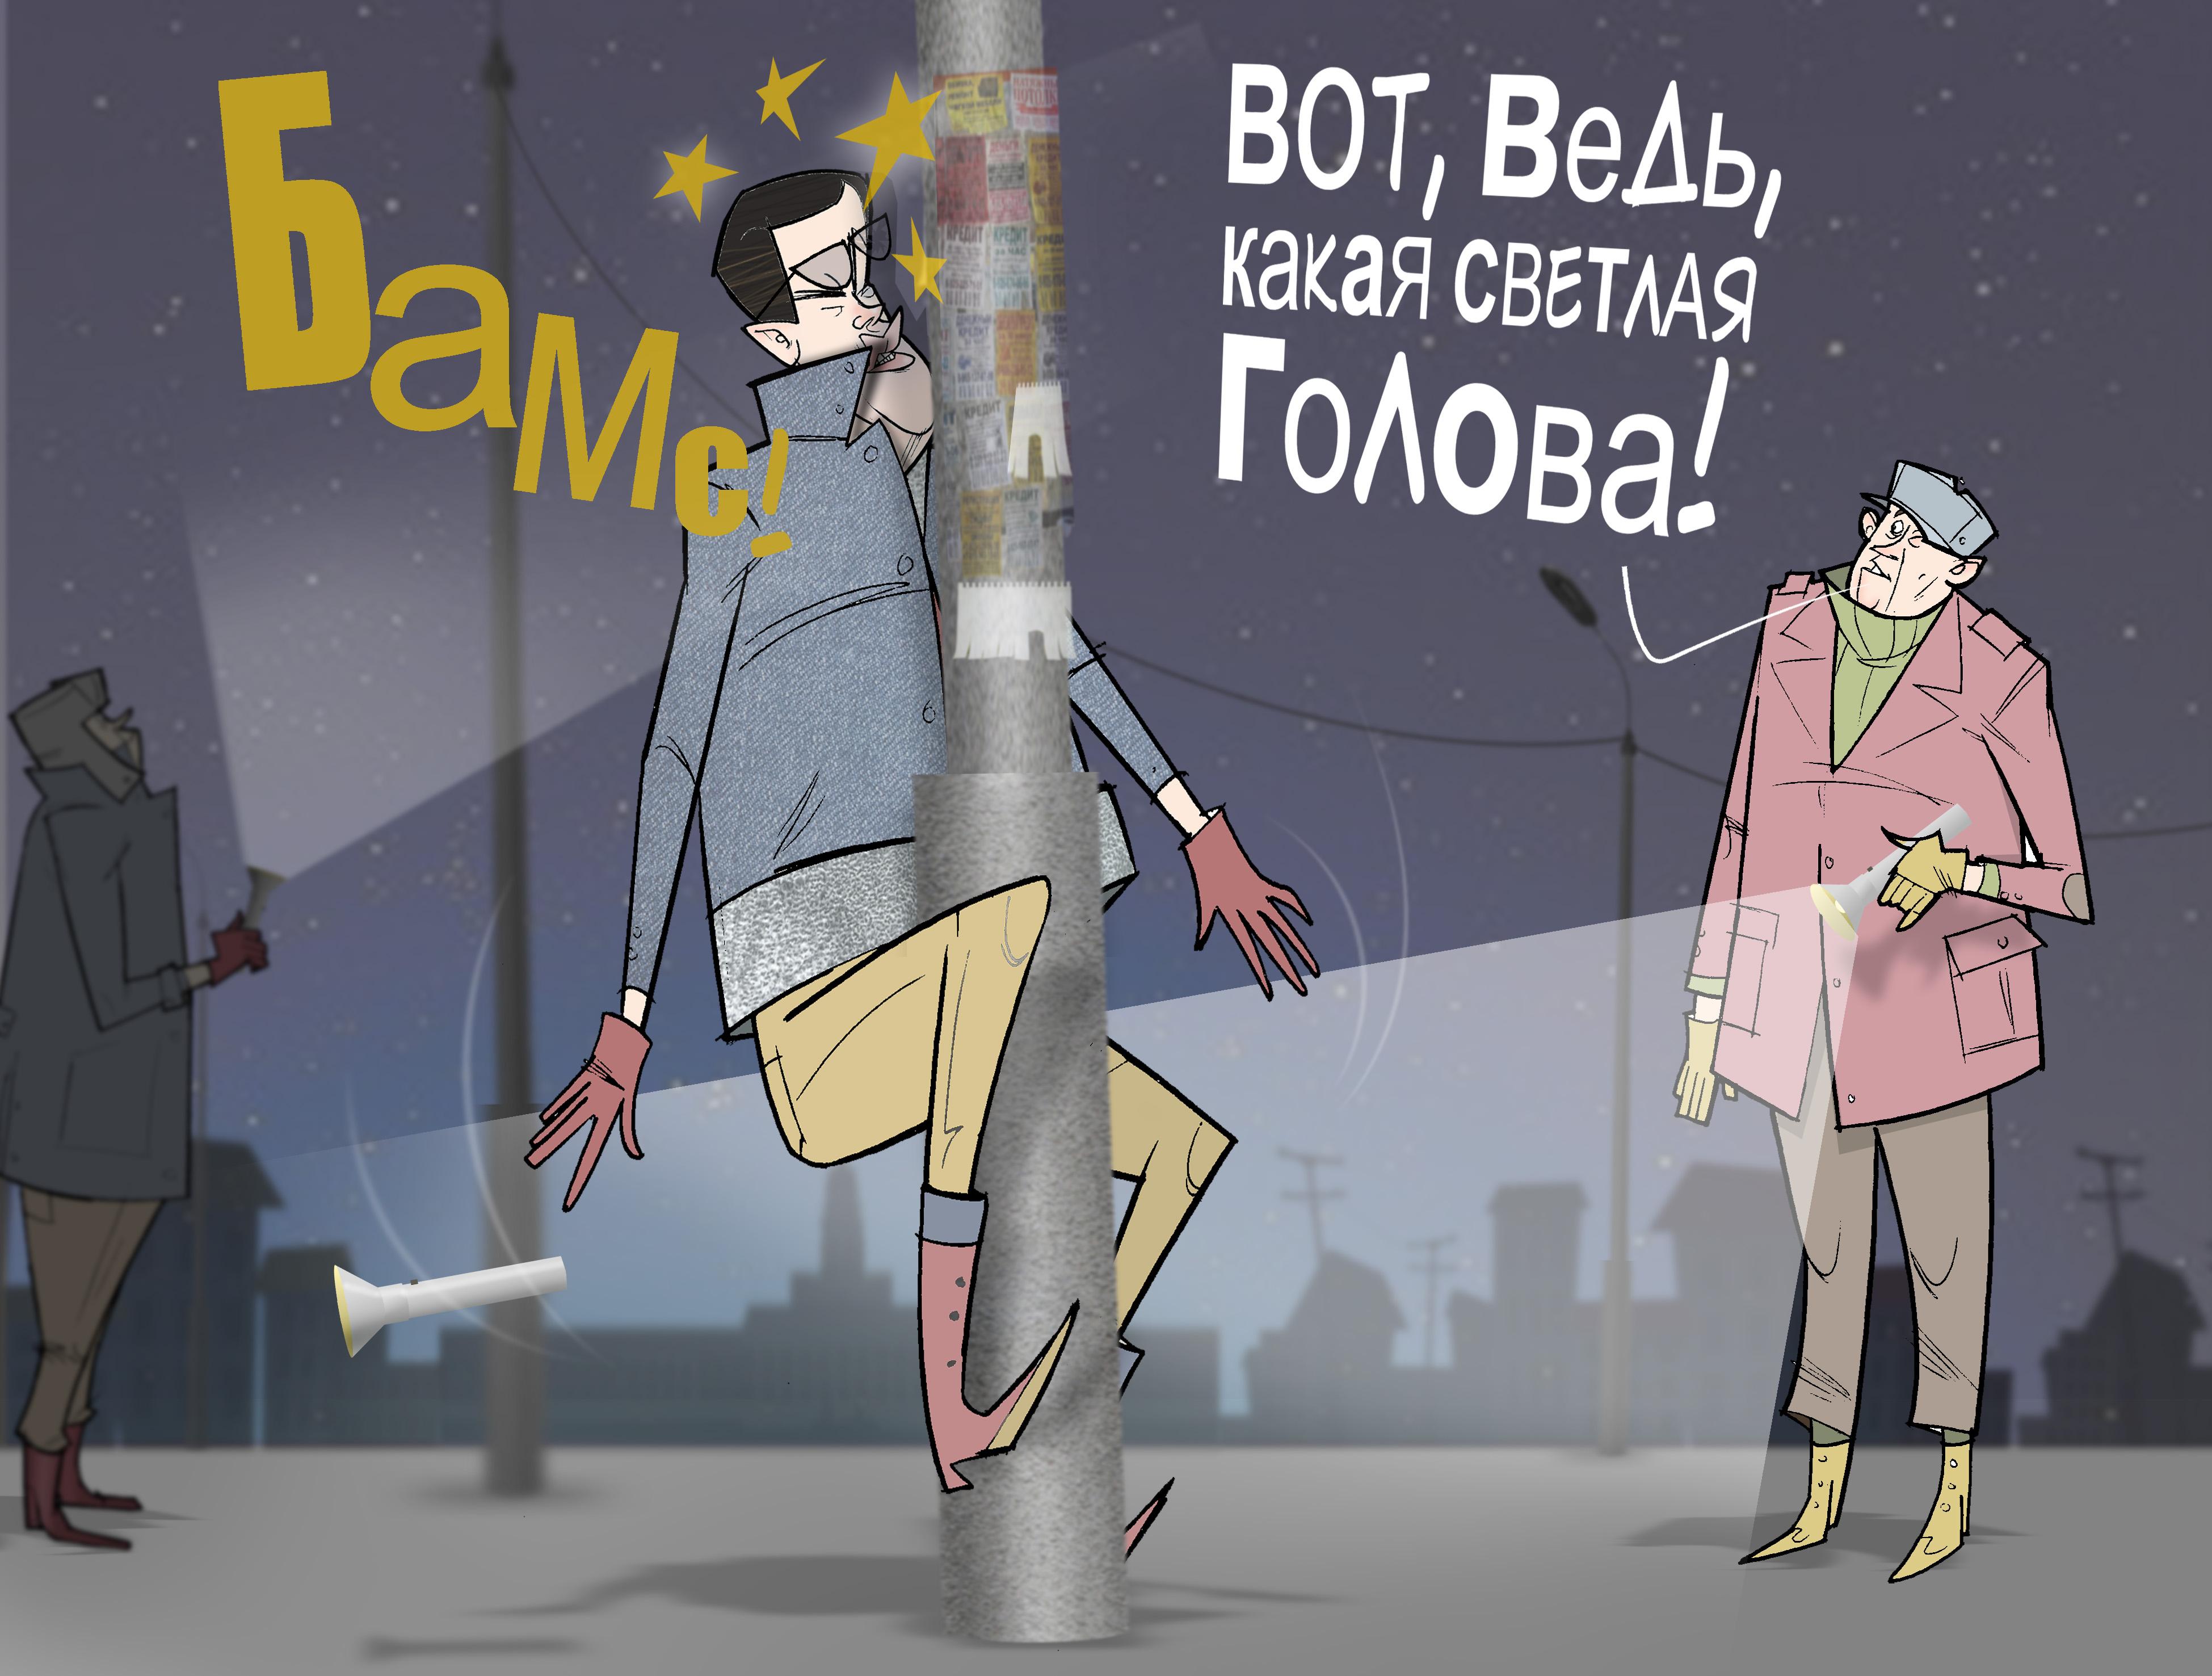 """Светлая голова. #отключение #освещение #СитиМенеджер #Ижевск #Агашин © Газета """"День"""" 2014"""